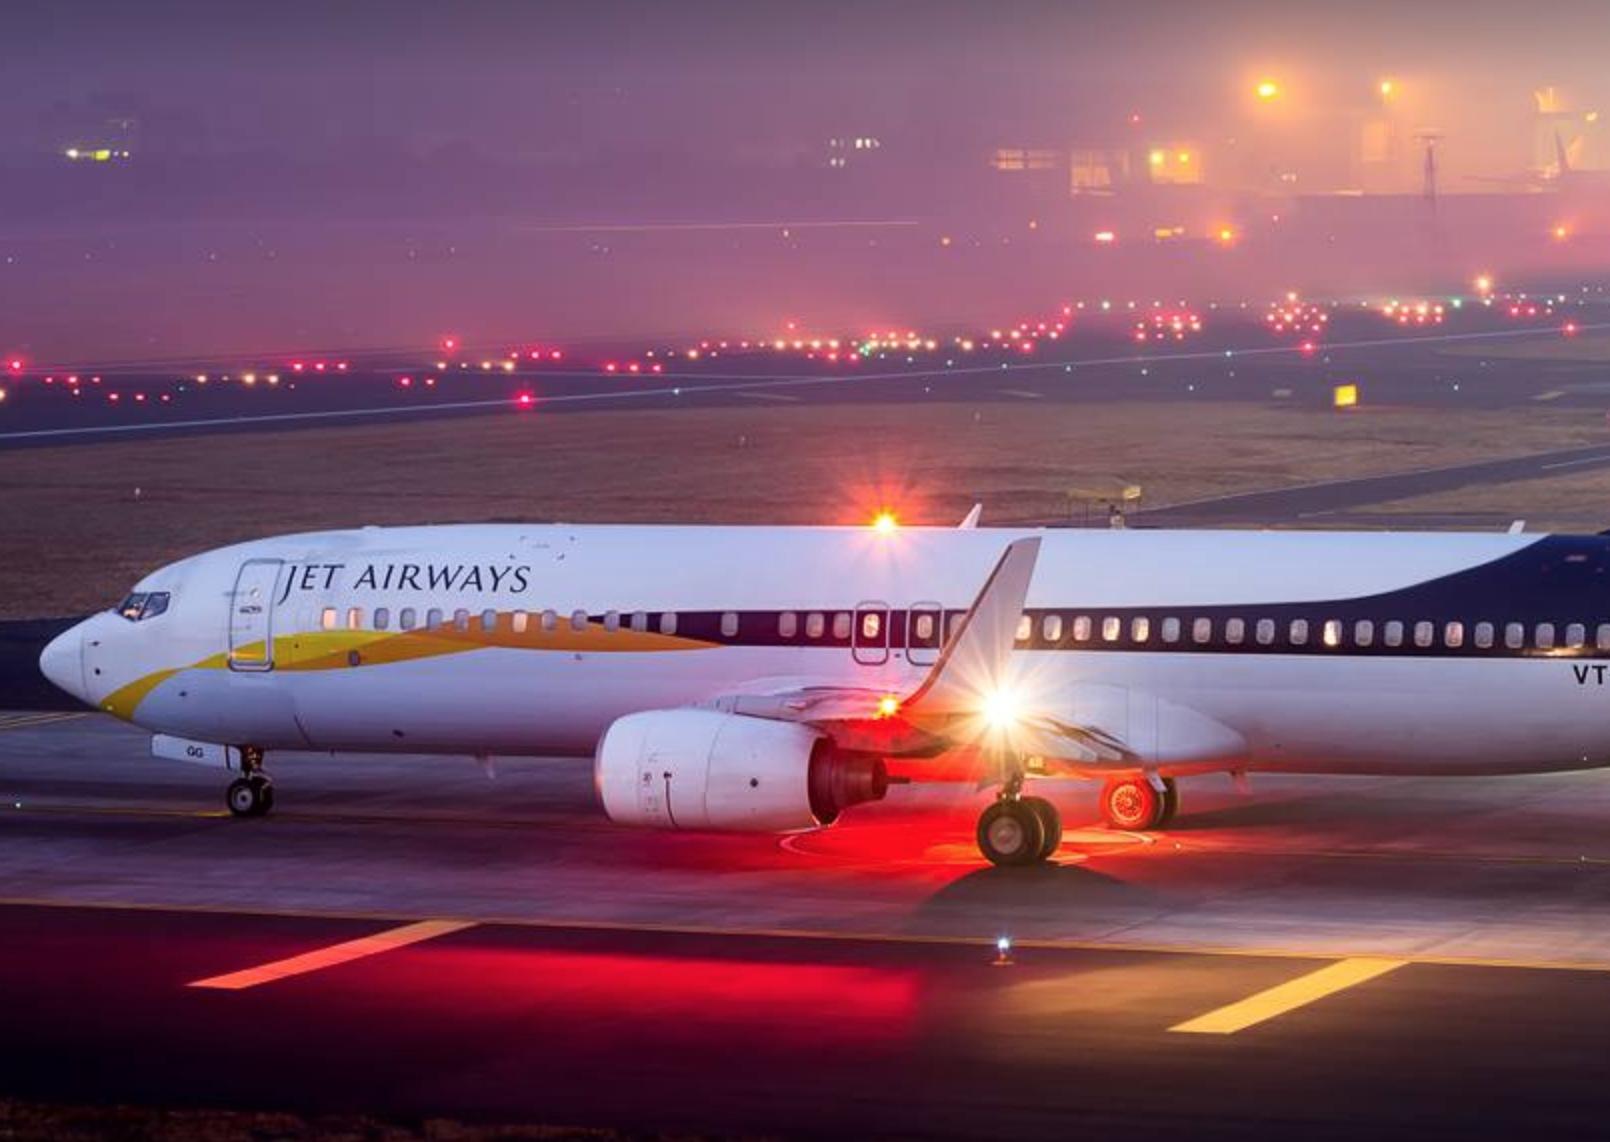 Jet Airways compte près de 20 000 salariés et possède 124 avions - DR : Jet Airways